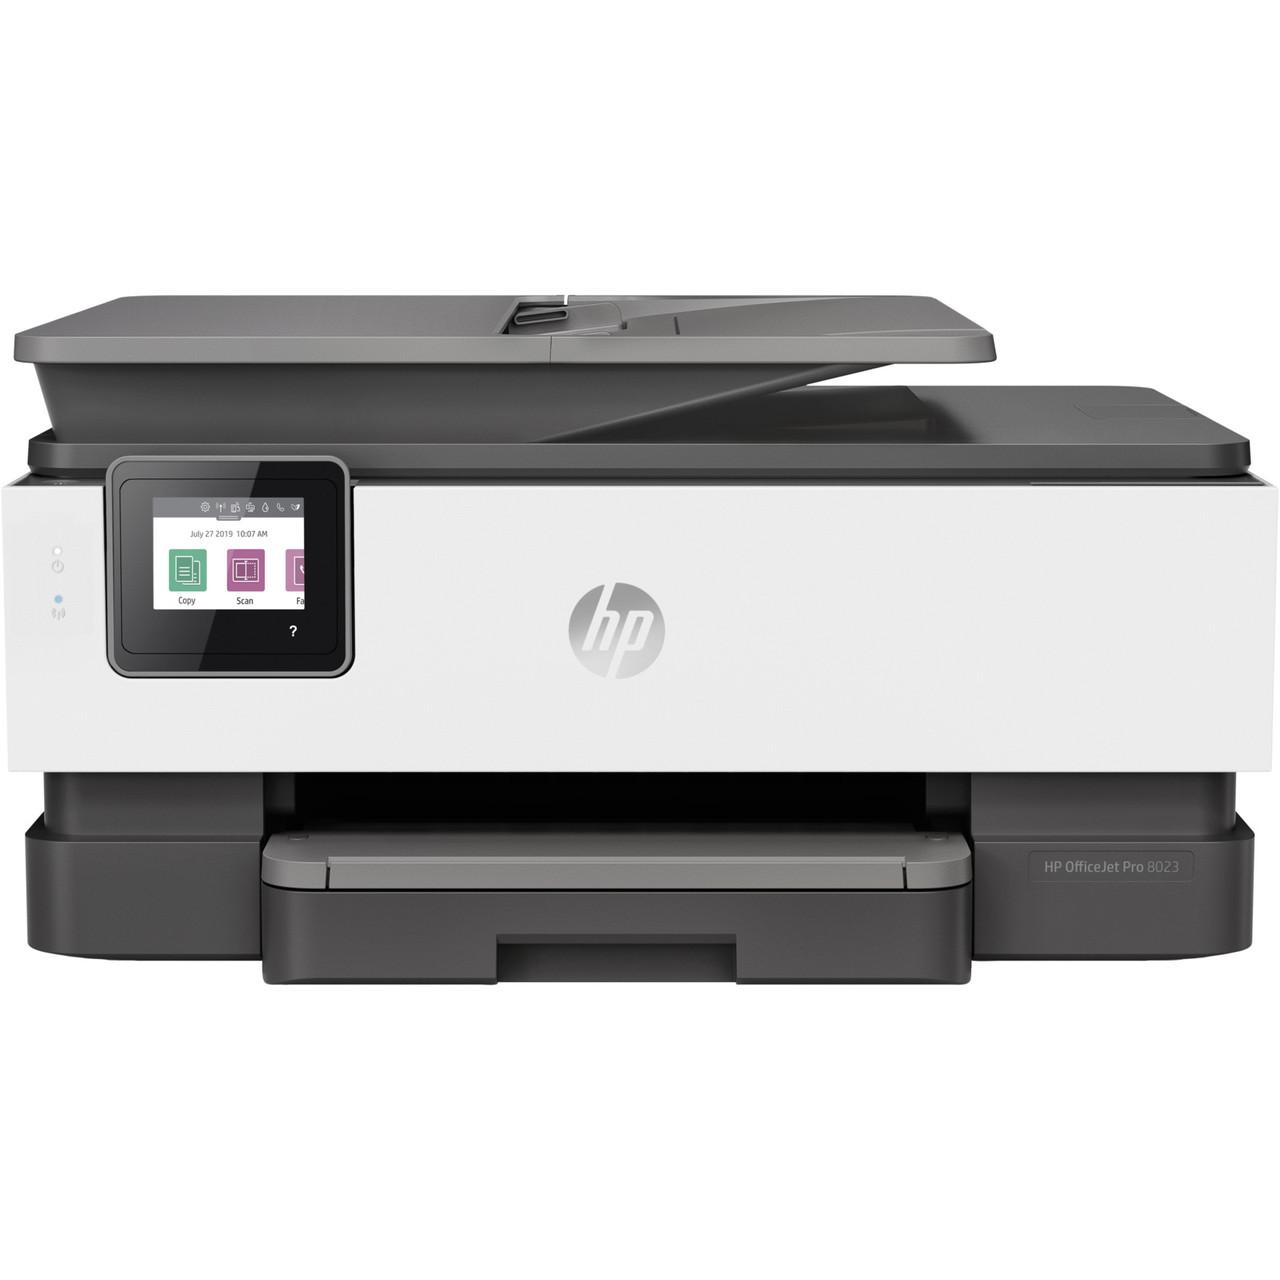 БФП струменевий кольоровий з автоподачею оригиналів HP OfficeJet Pro 8023 + Wi-Fi (1KR64B)